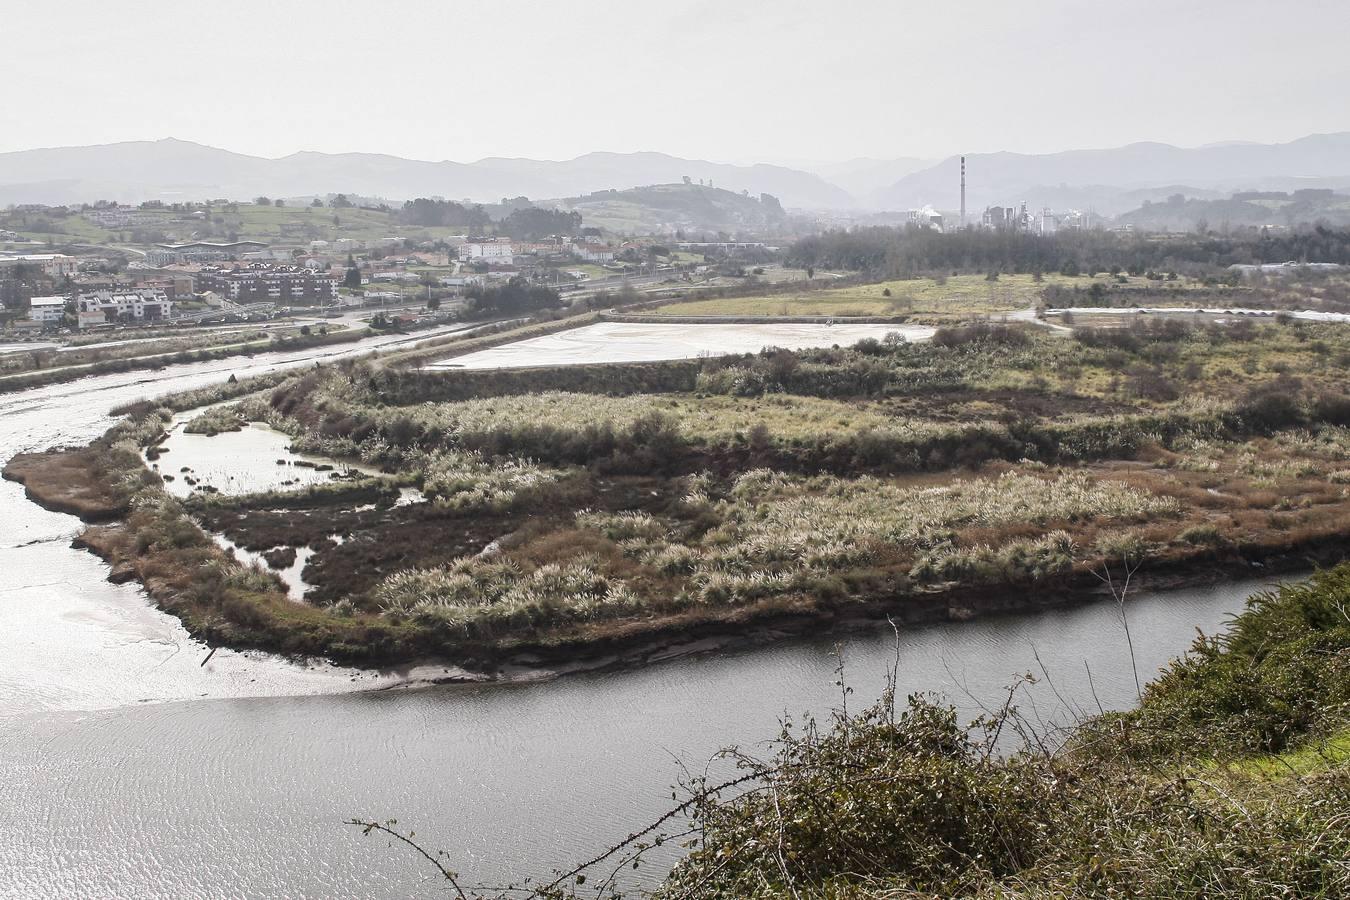 Los criterios técnicos determinarán la ubicación de la nueva depuradora de Vuelta Ostrera